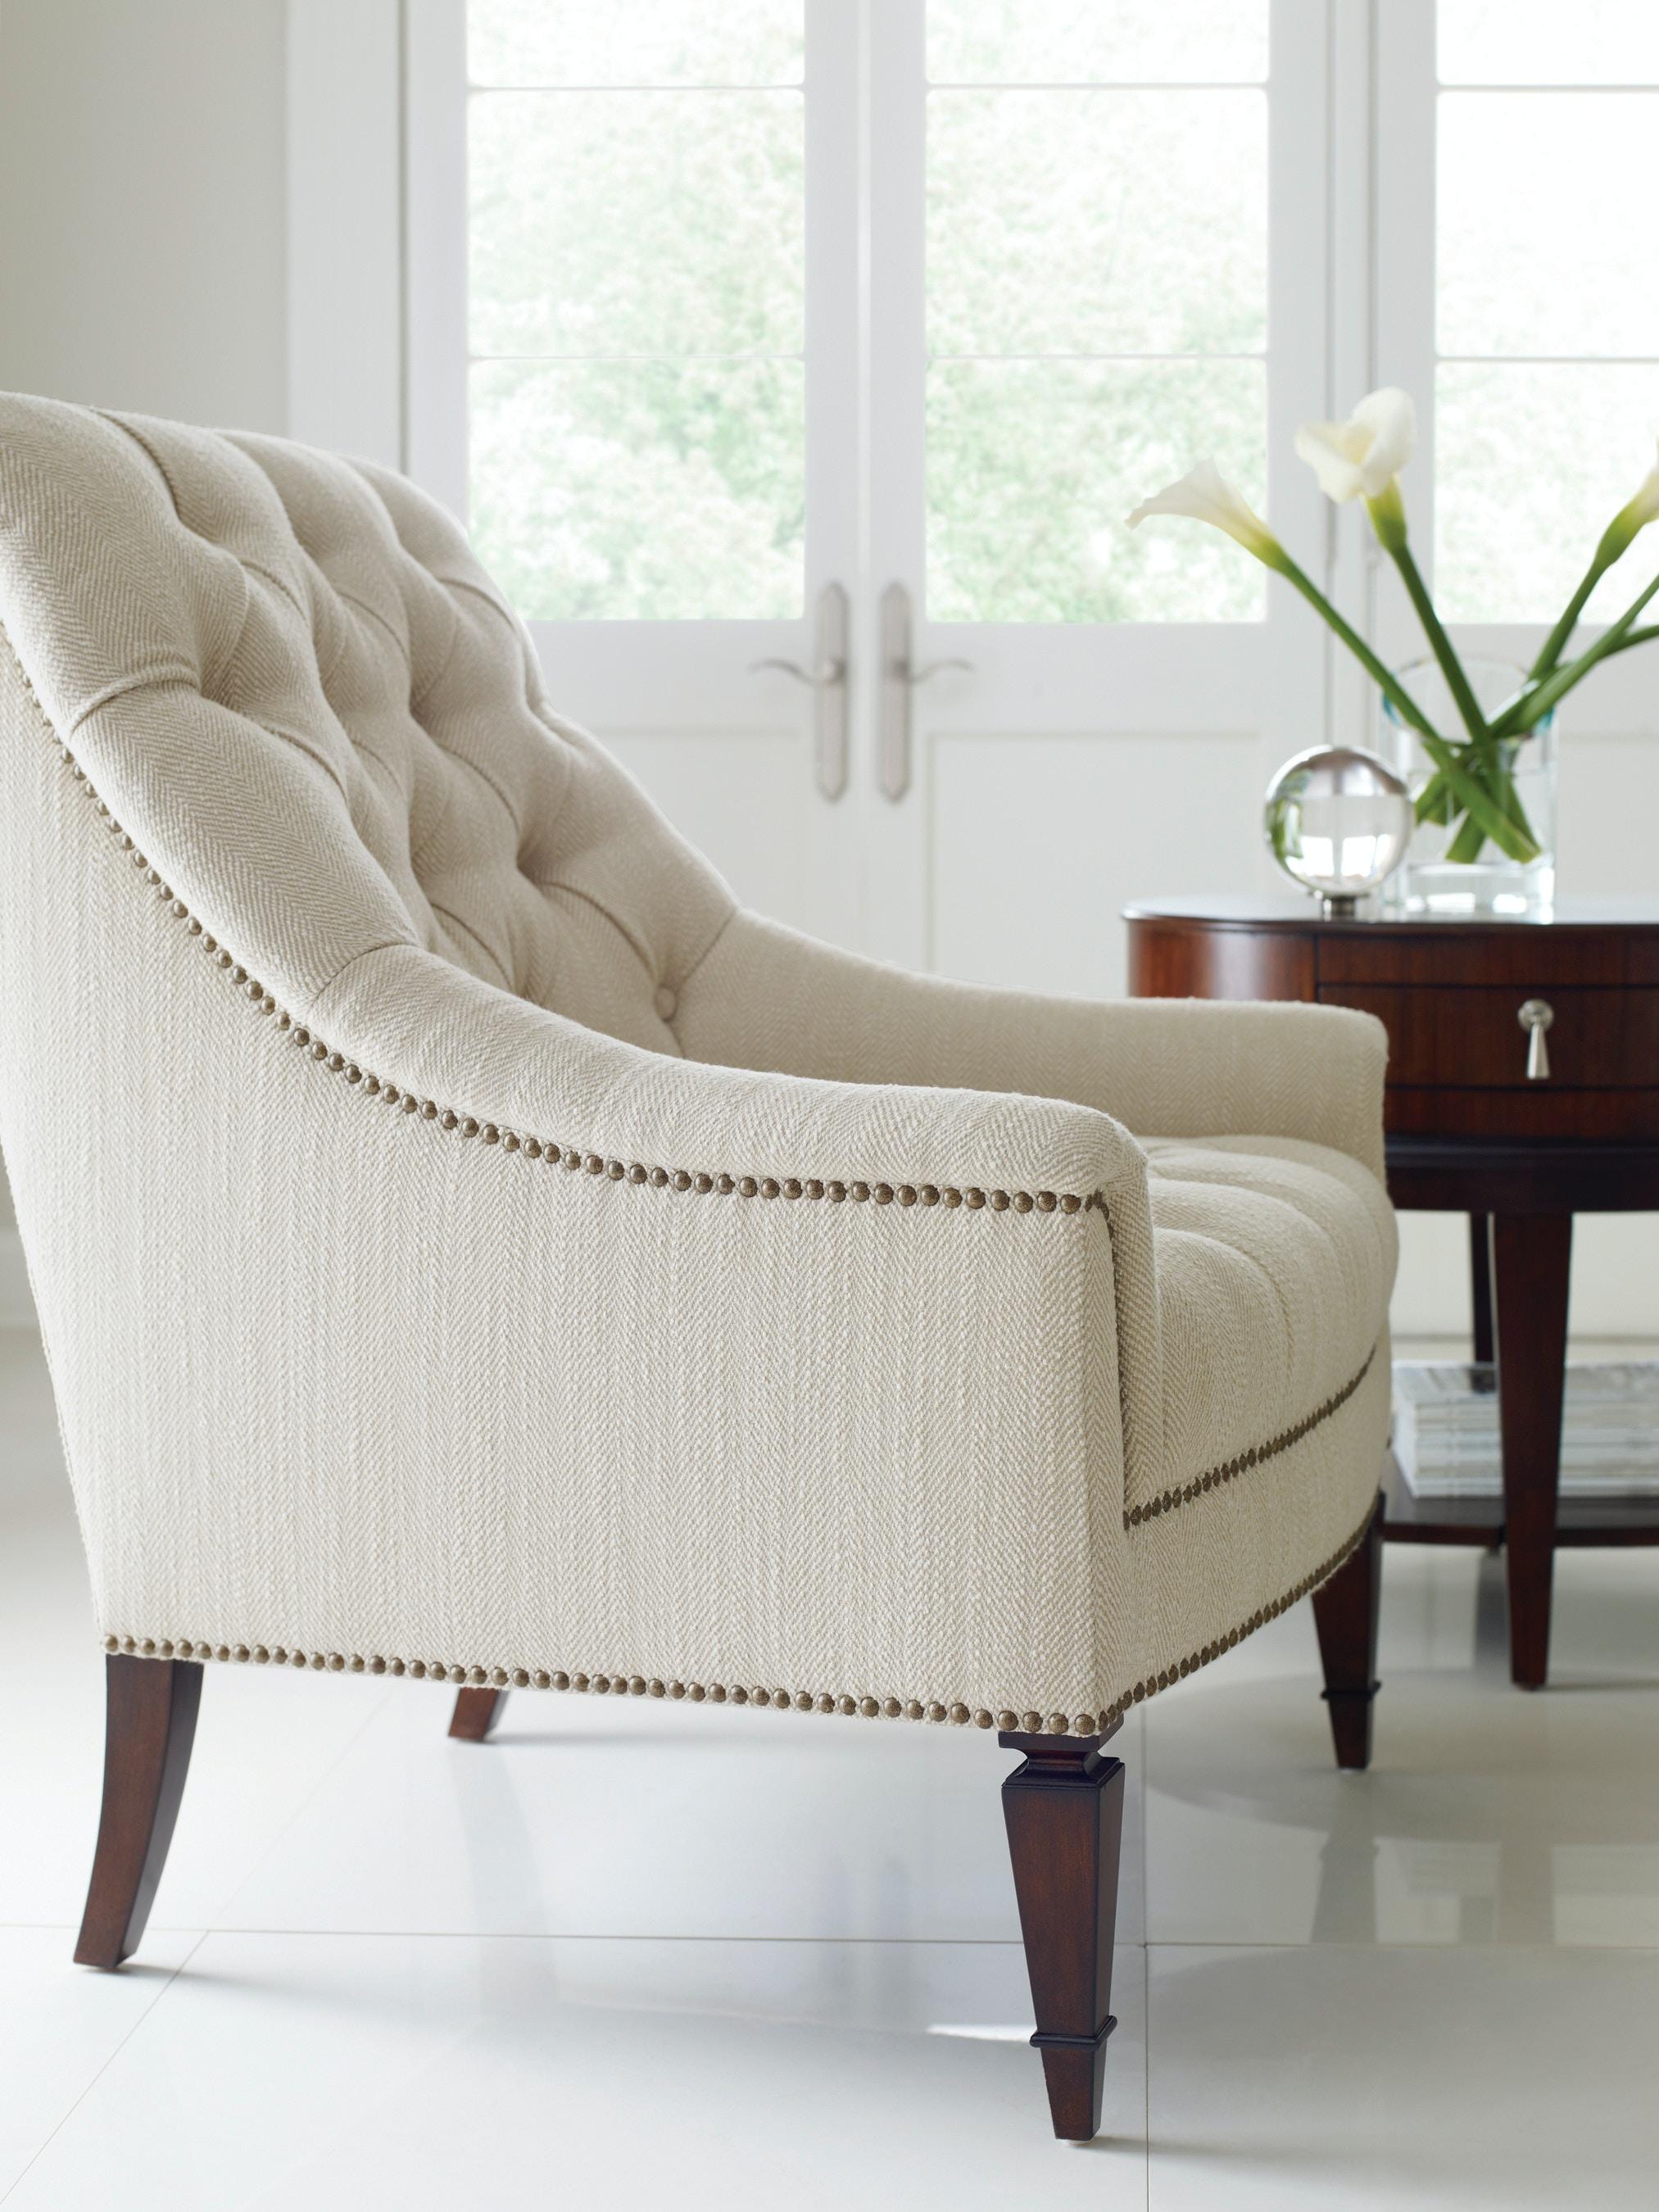 Schnadig Chair 9090 204 G